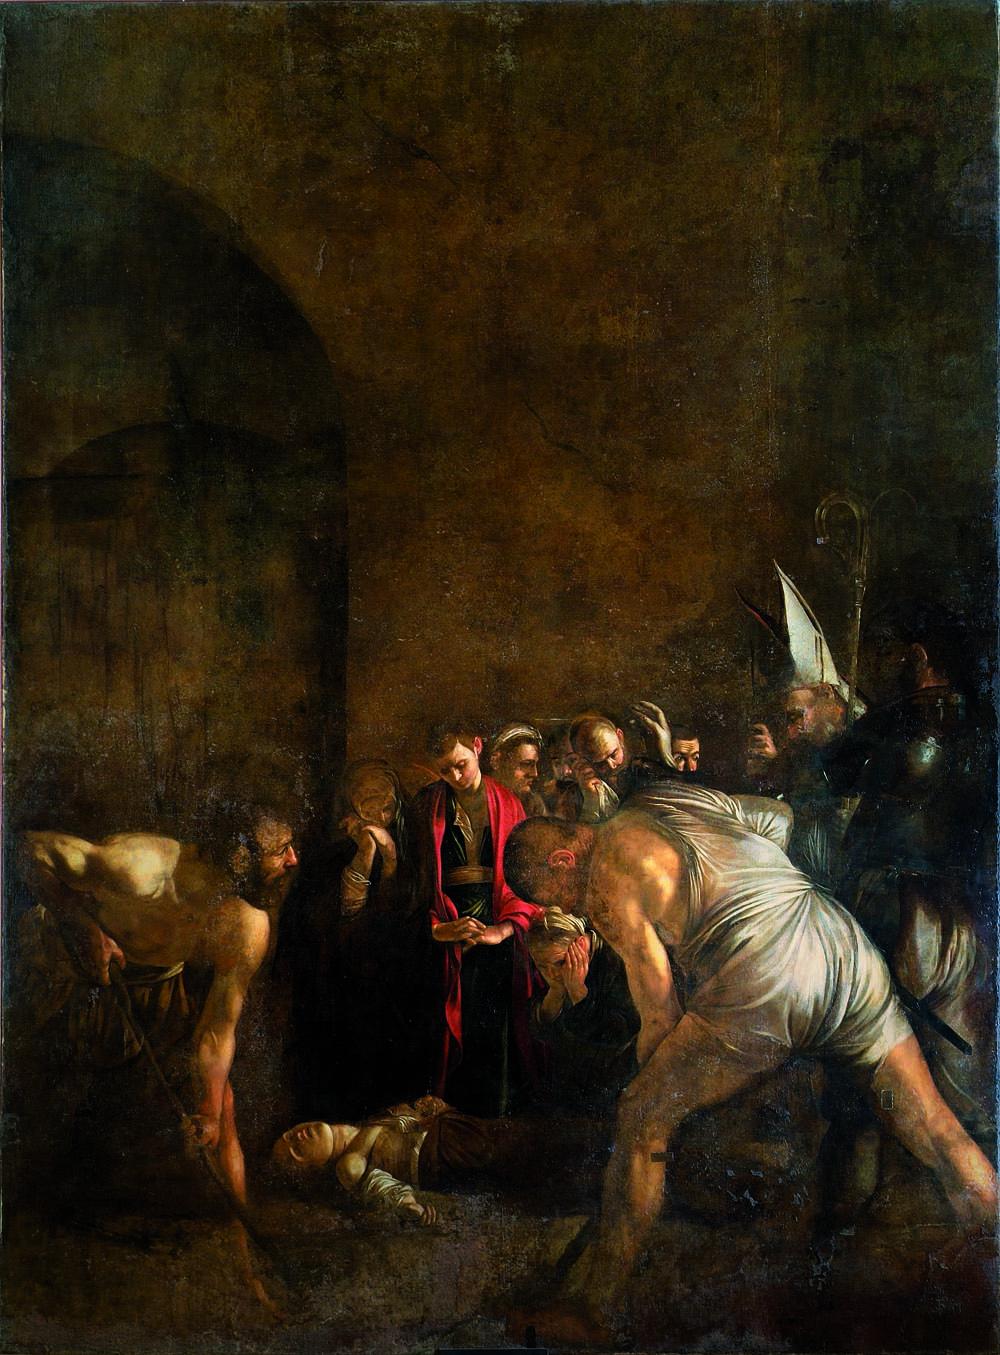 Caravaggio, Seppellimento di Santa Lucia, Siracusa, in deposito temporaneo presso Santa Lucia alla Badia